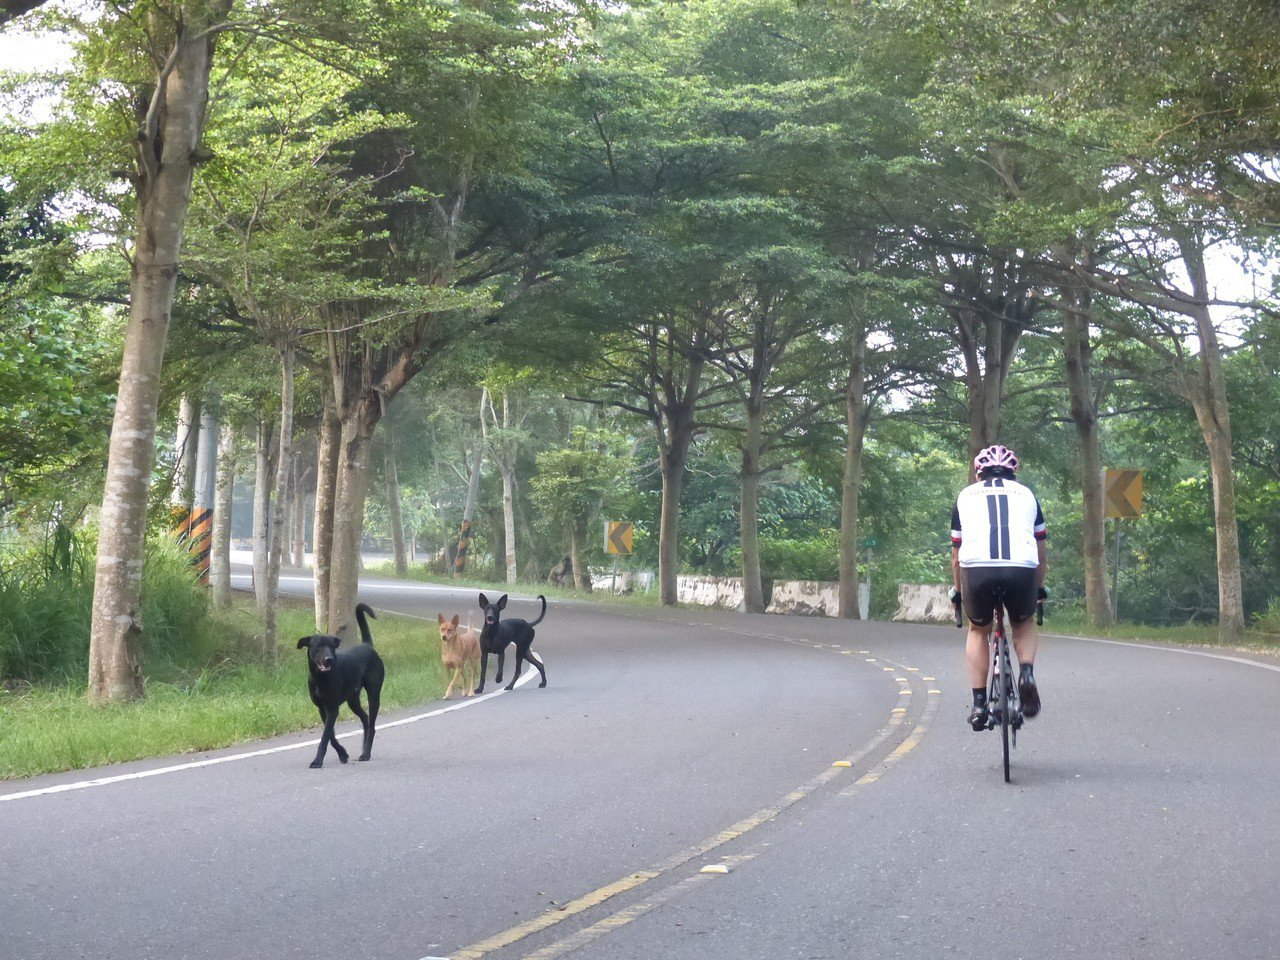 彰化縣八卦139線縣道流浪犬充斥,危及單車騎士的安全。本報資料照片